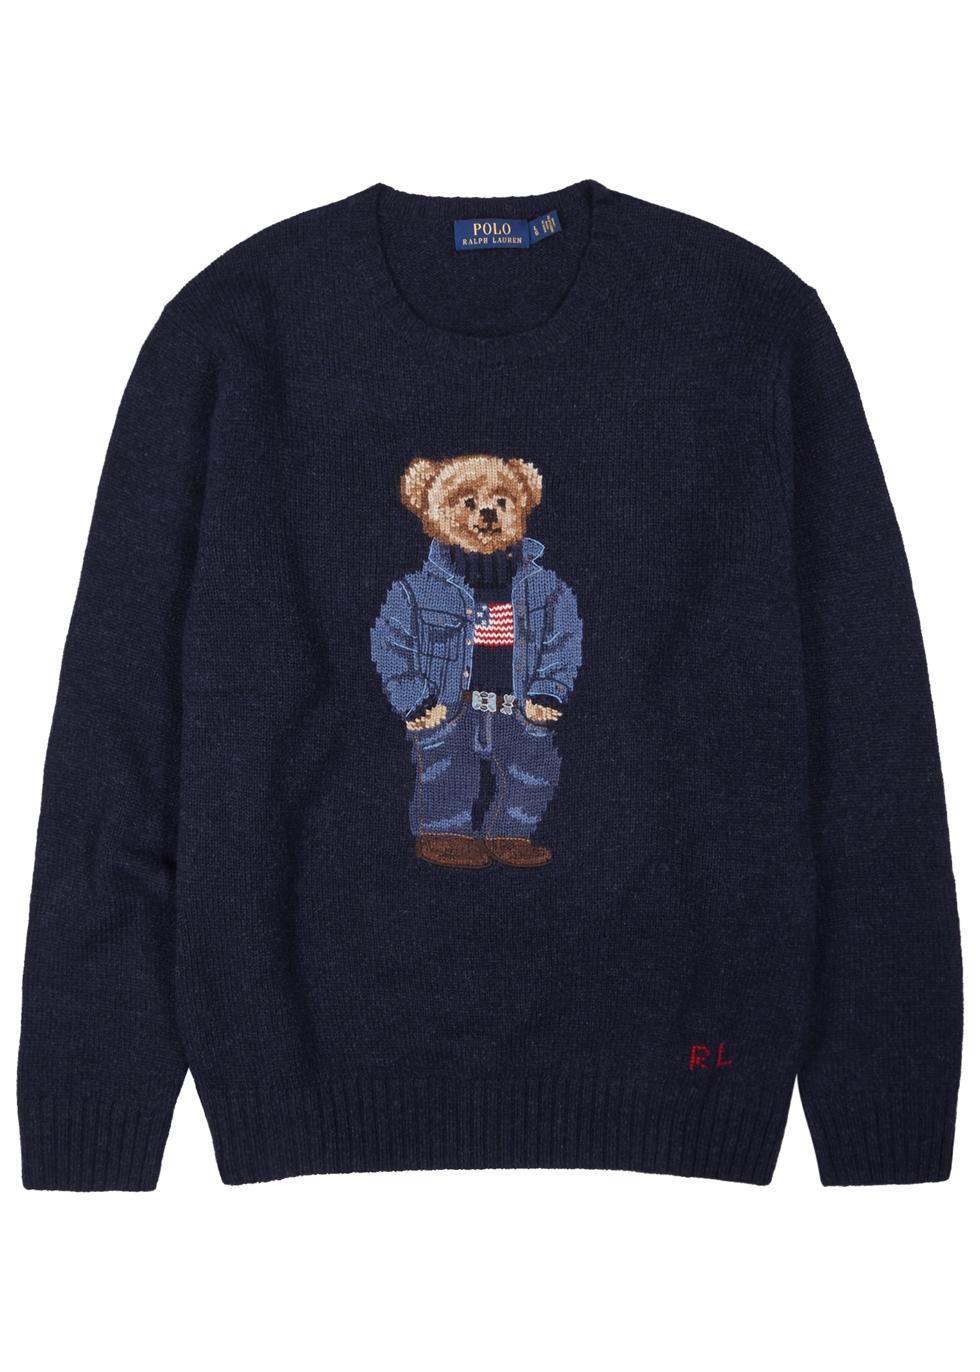 Navy bear-intarsia wool jumper Navy bear-intarsia wool jumper. Polo Ralph  Lauren. Navy bear-intarsia wool jumper